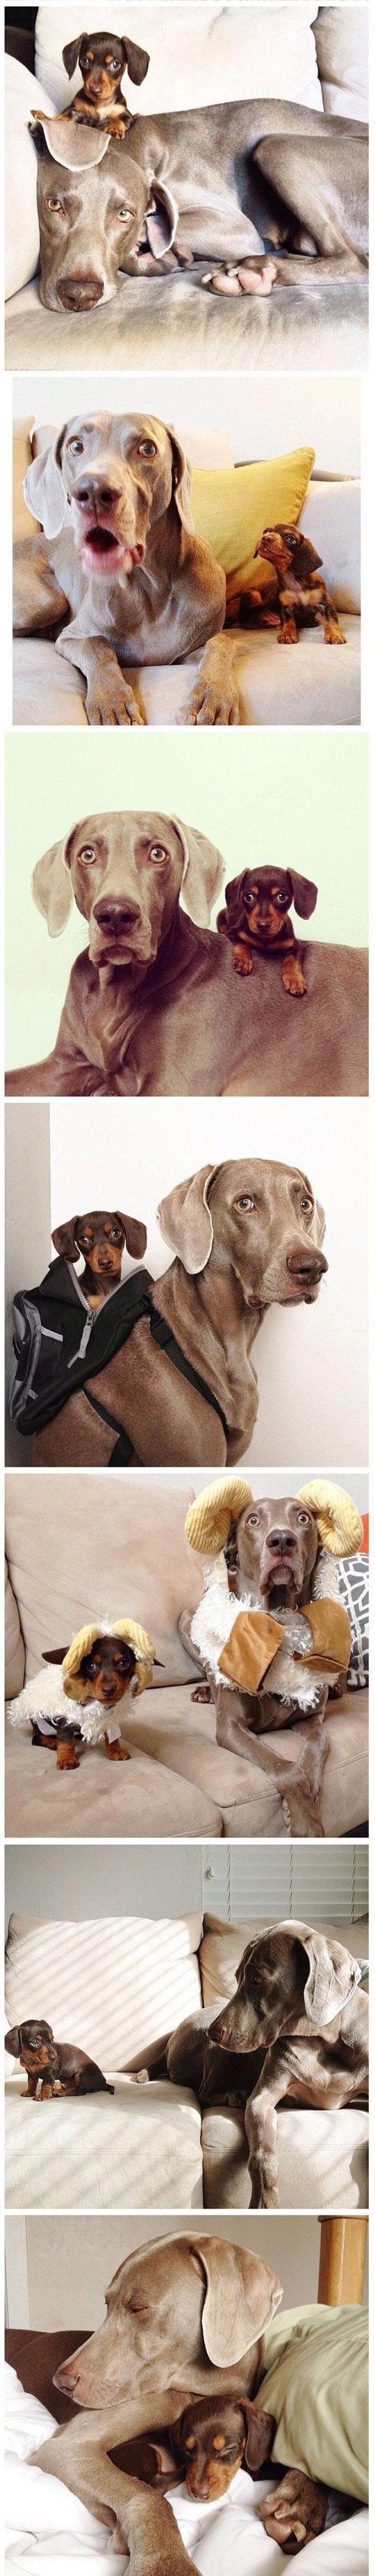 cute-dog-couch-costume-Weimeraner-Dachshund-partner